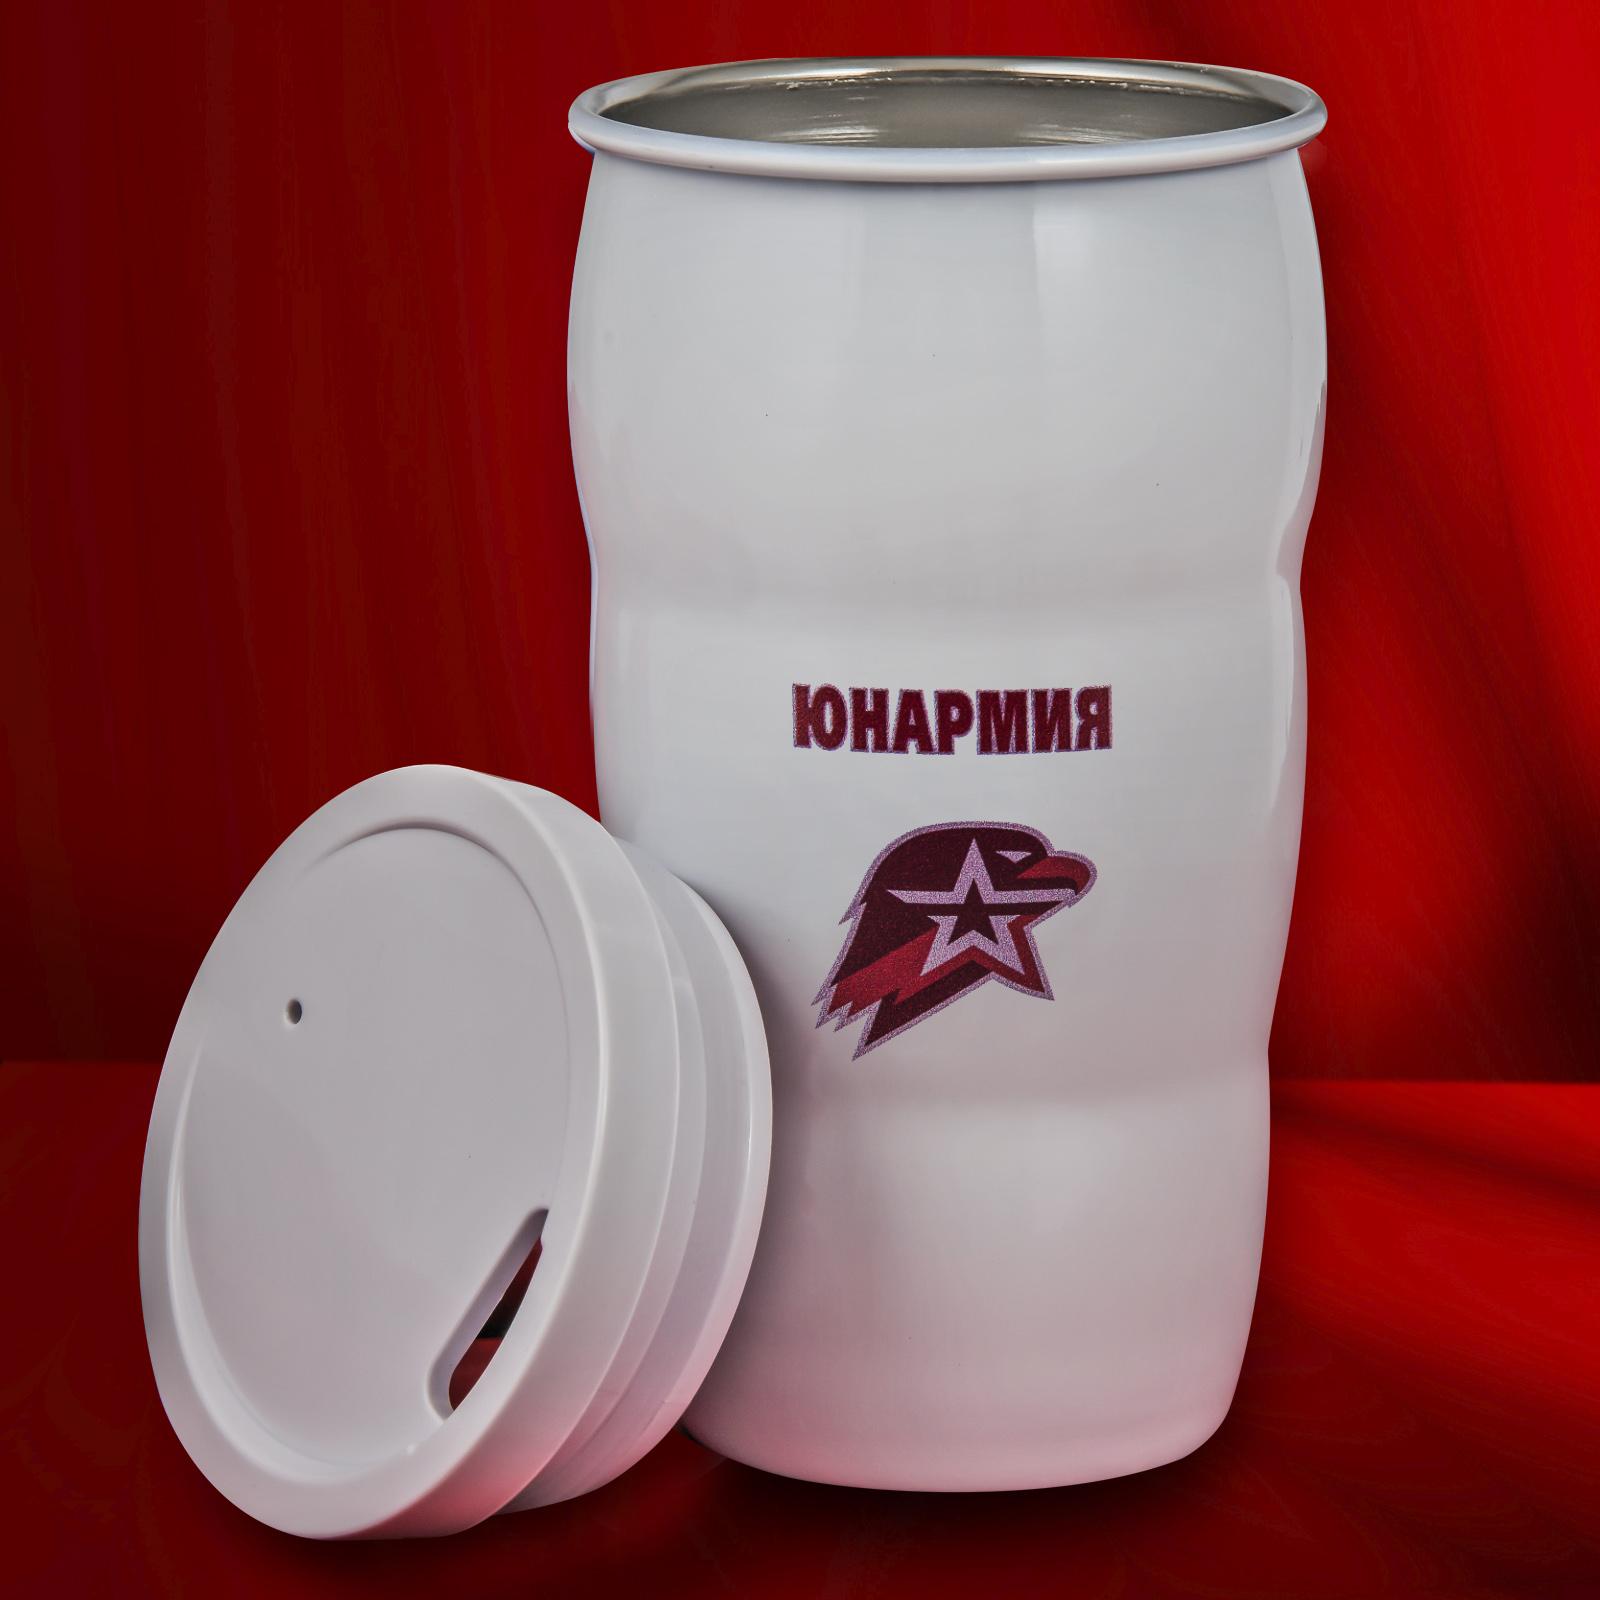 Чашка термос с символикой Юнармии